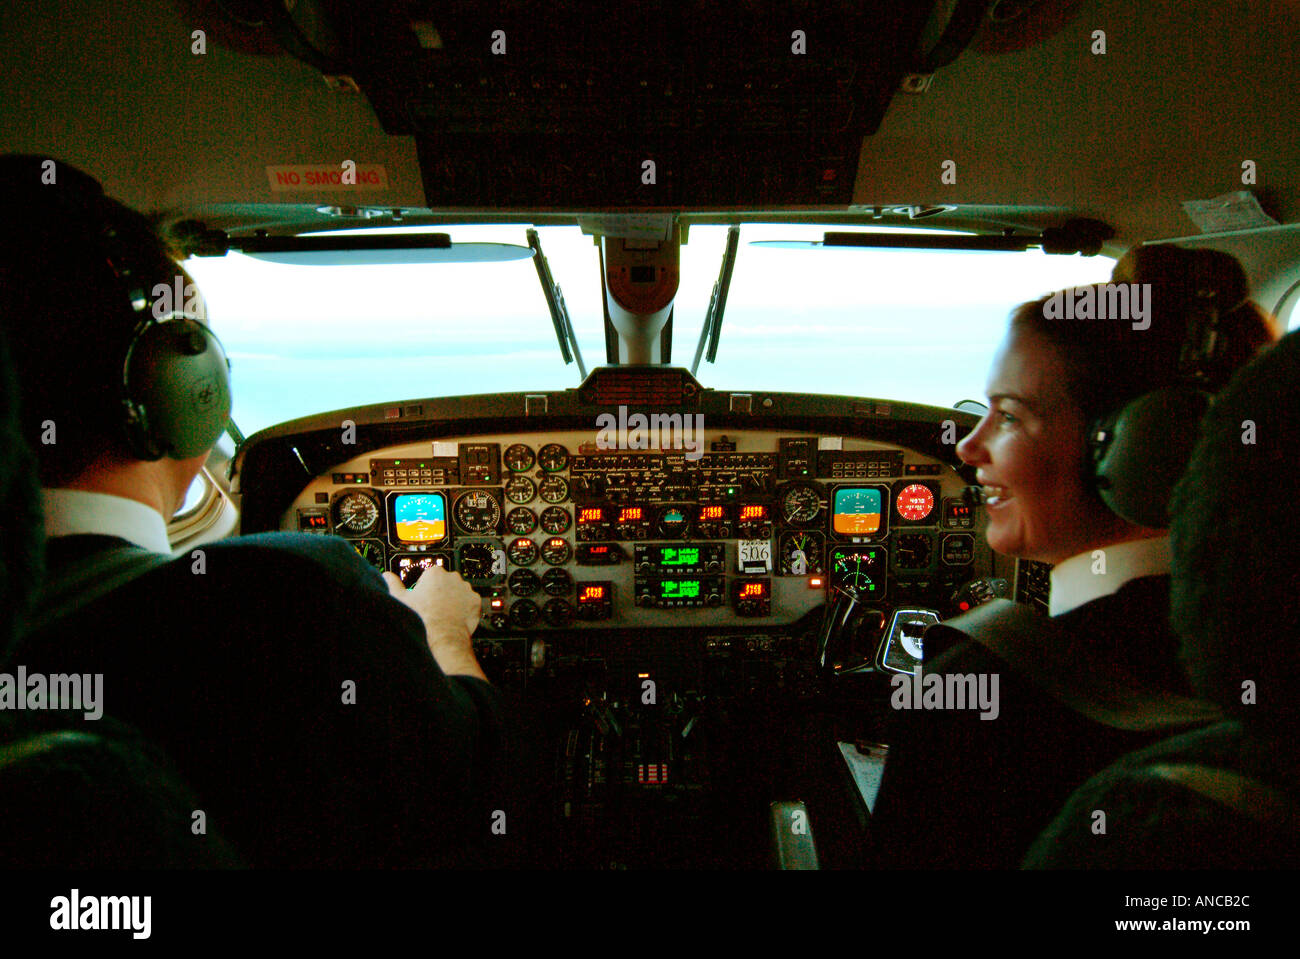 Raytheon Beechcraft 1900D Flight Deck - Stock Image